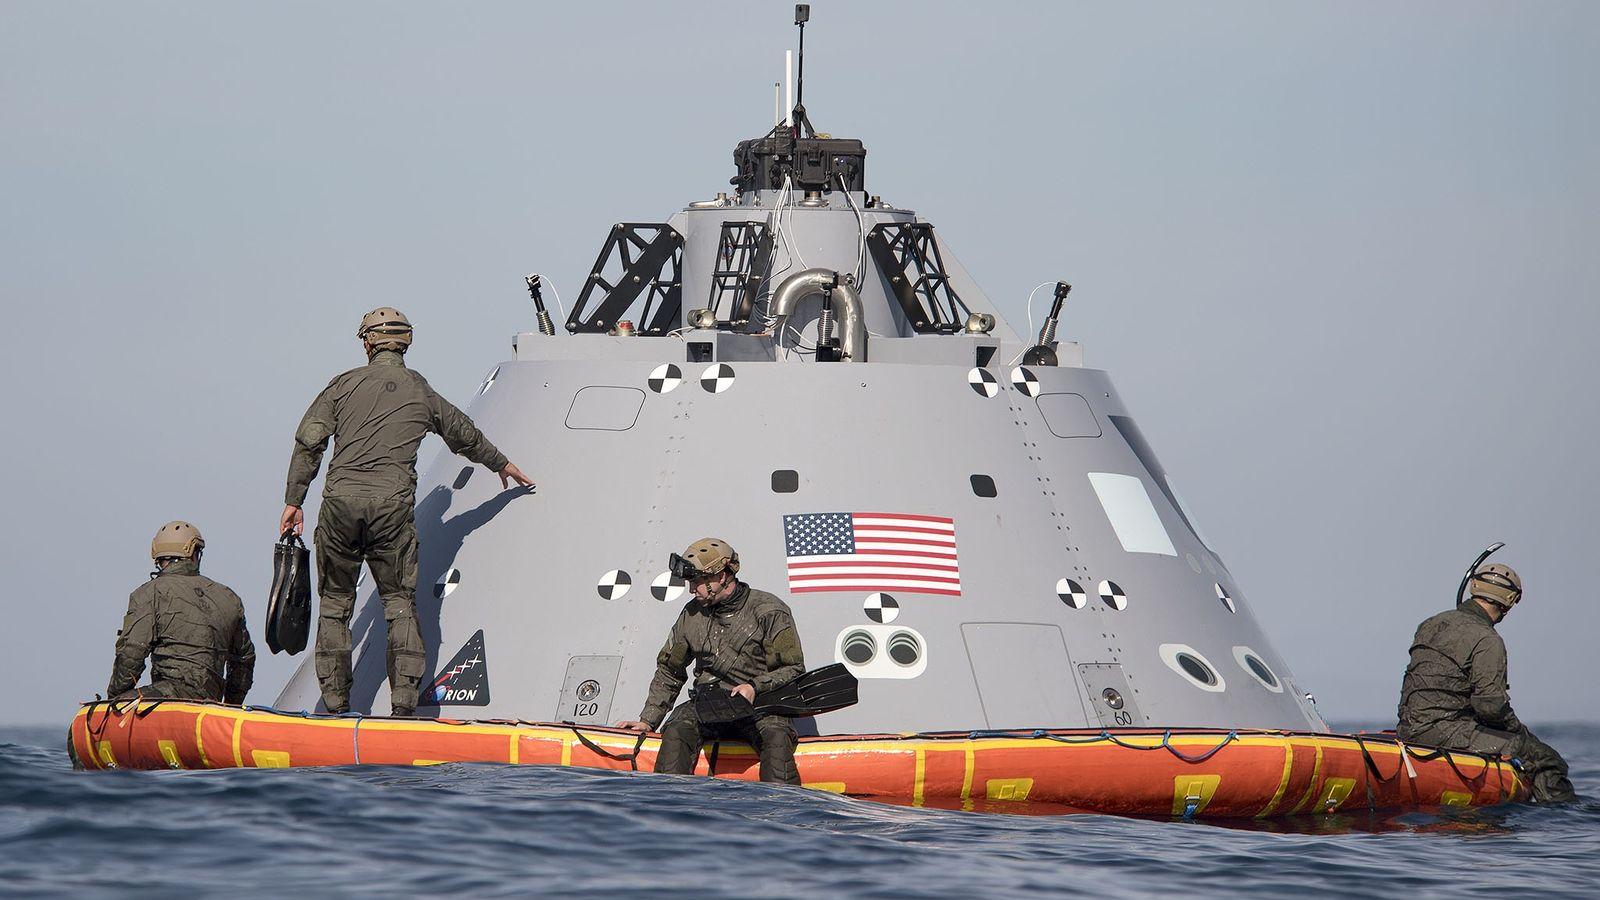 Taucher der US-Marine assistieren der NASA bei der Bergung einer Testkapsel vor San Diego.